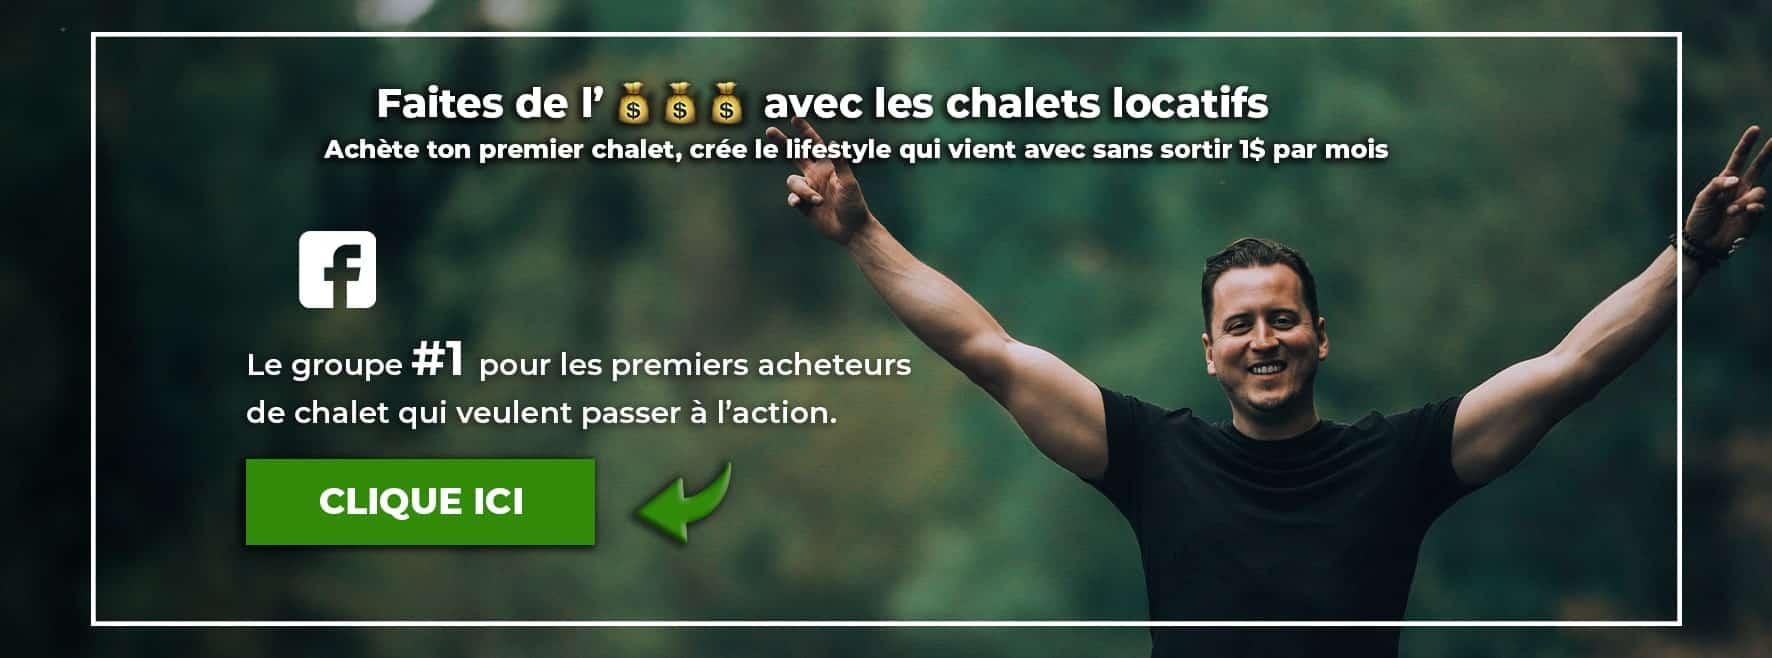 Faites de l'argent avec les chalets locatifs groupe facebook par Maxime Rondeau